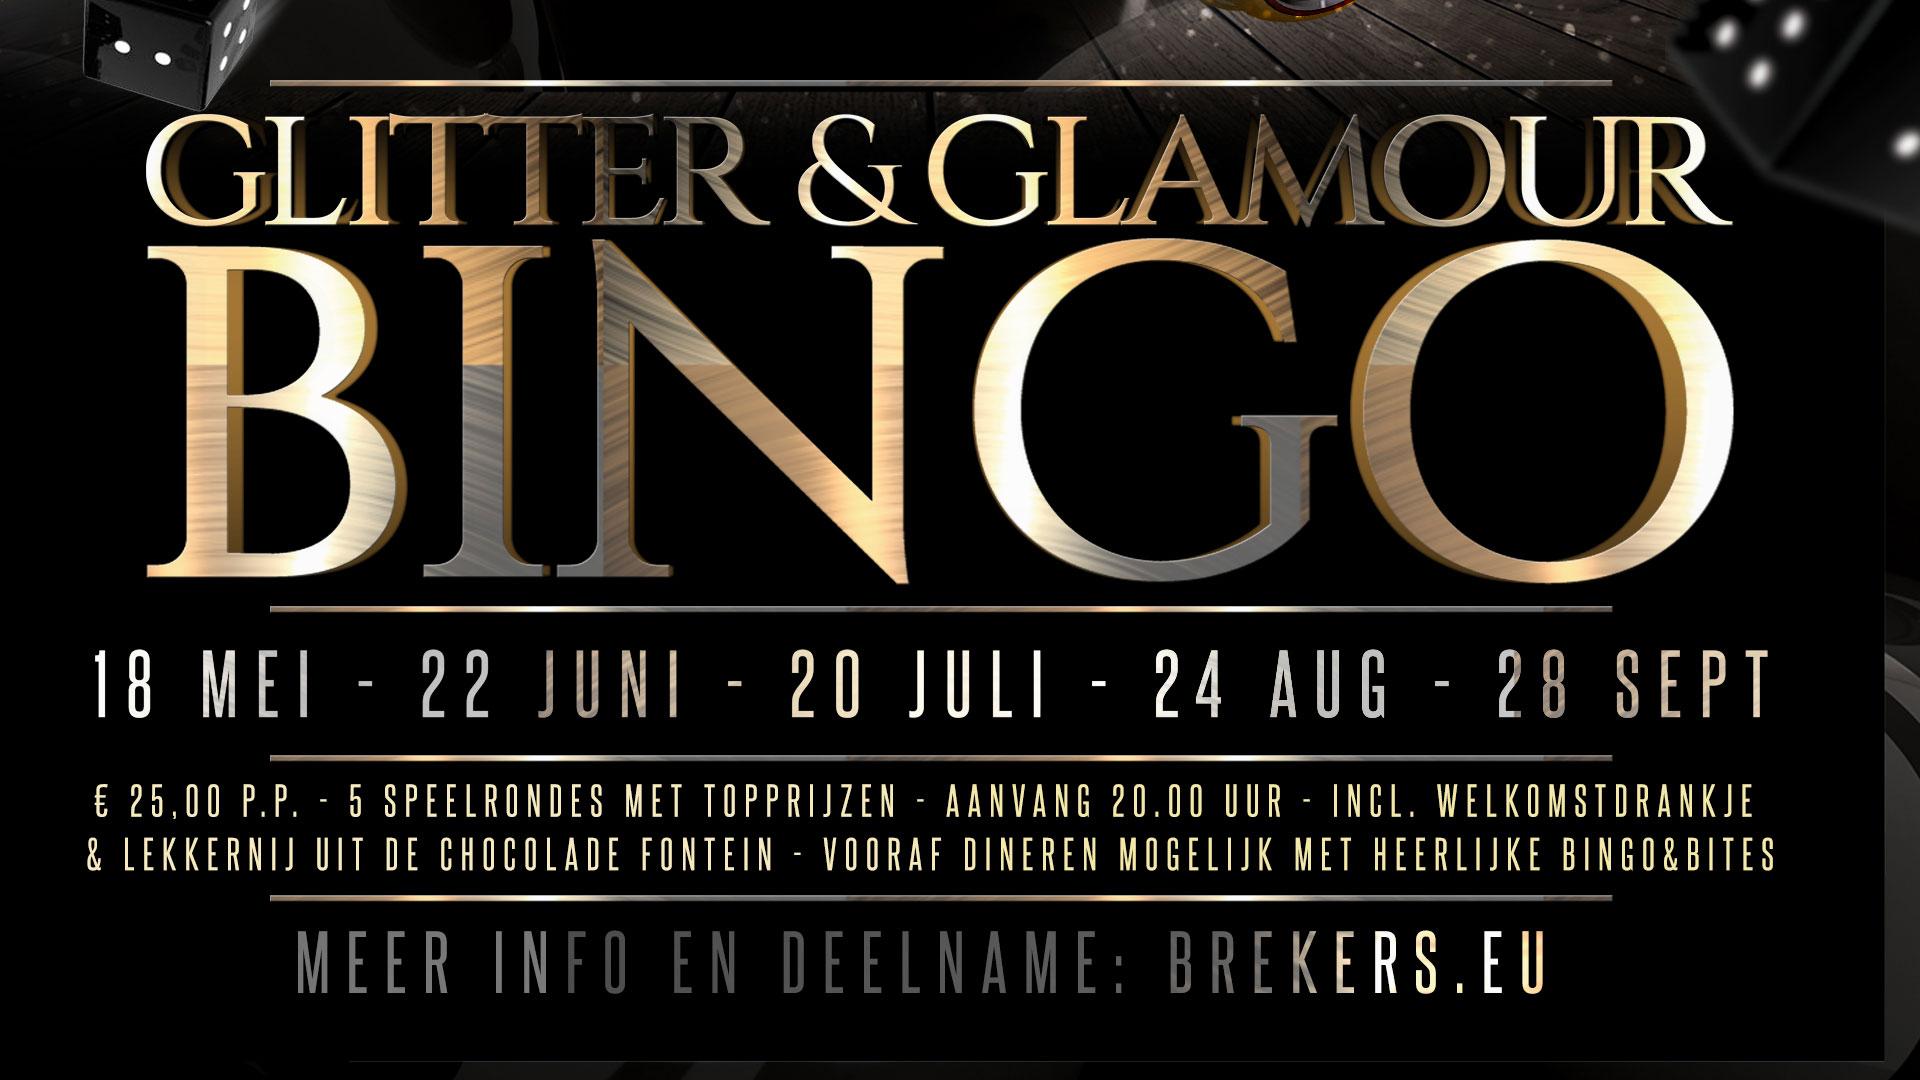 Glitter & Glamour Bingo 23 november